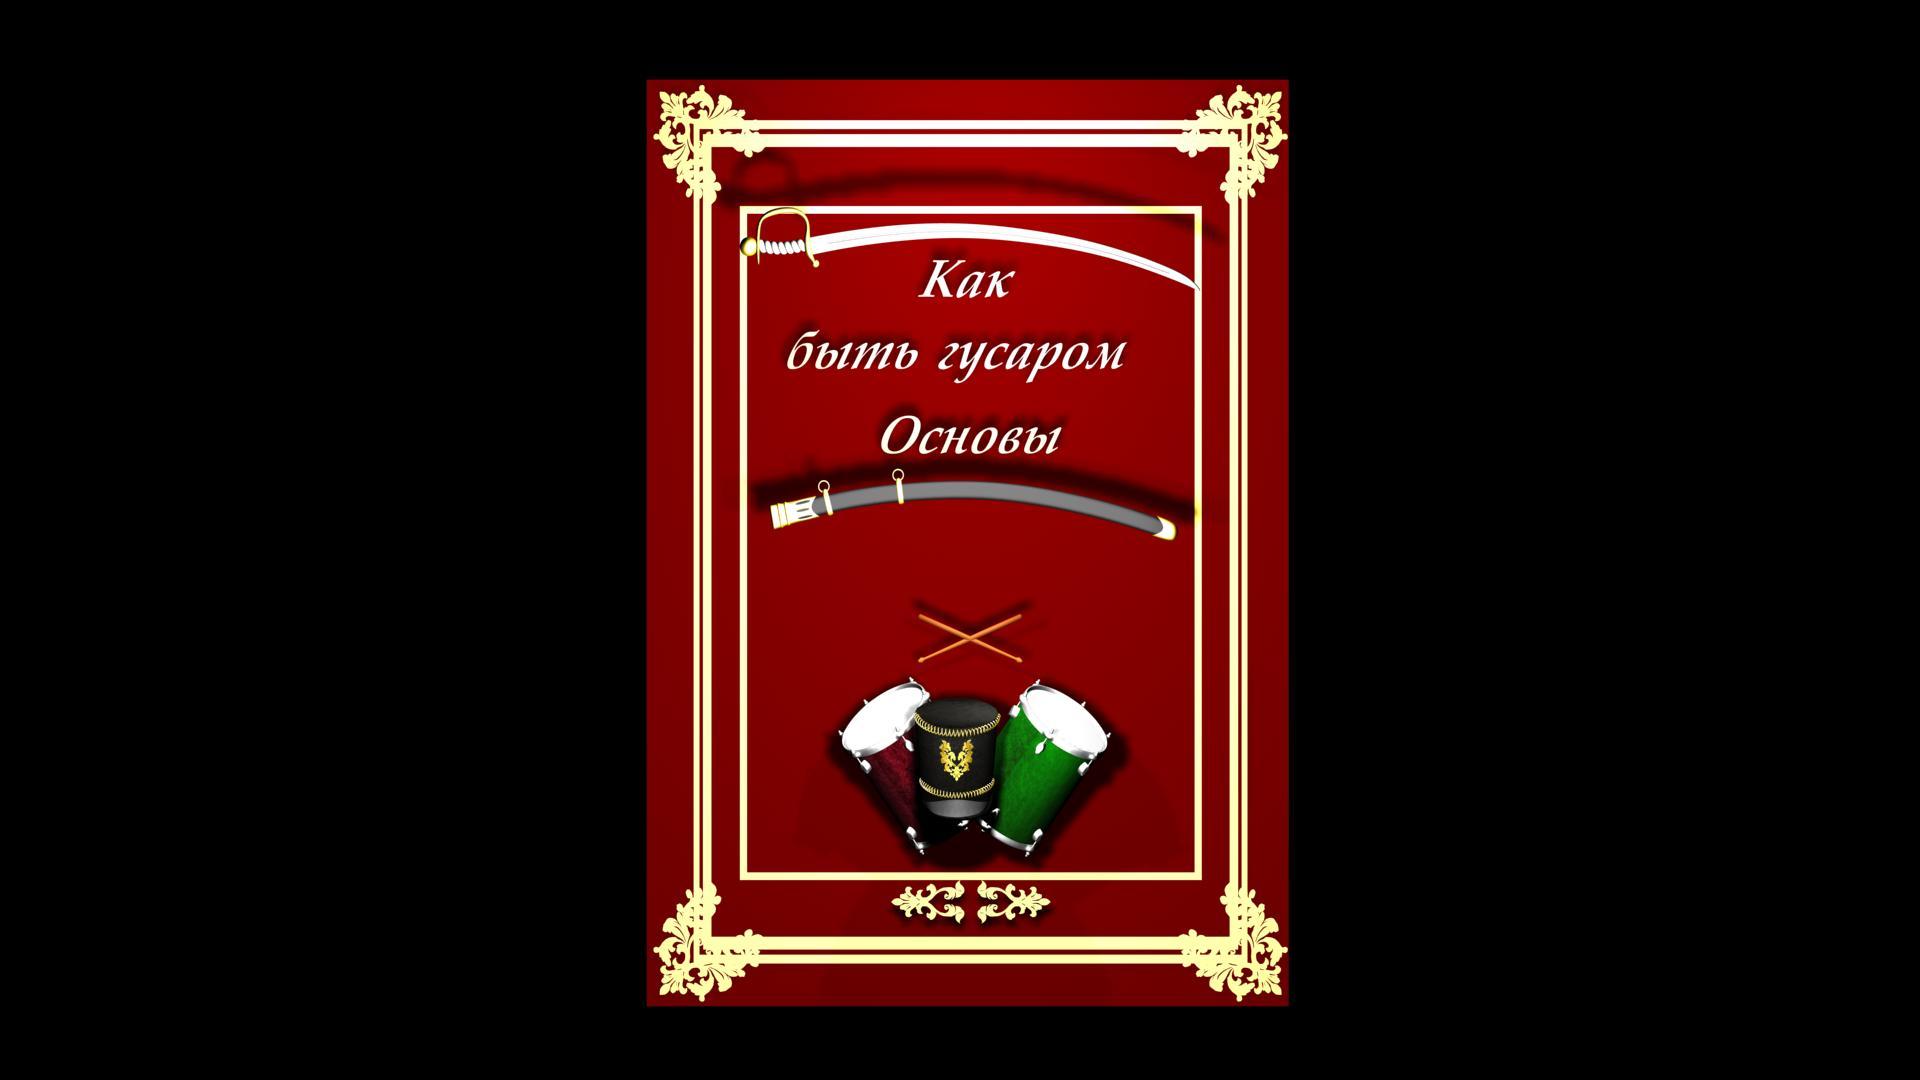 Обложка книги  фото f_6125fb55bef2a8e3.jpg